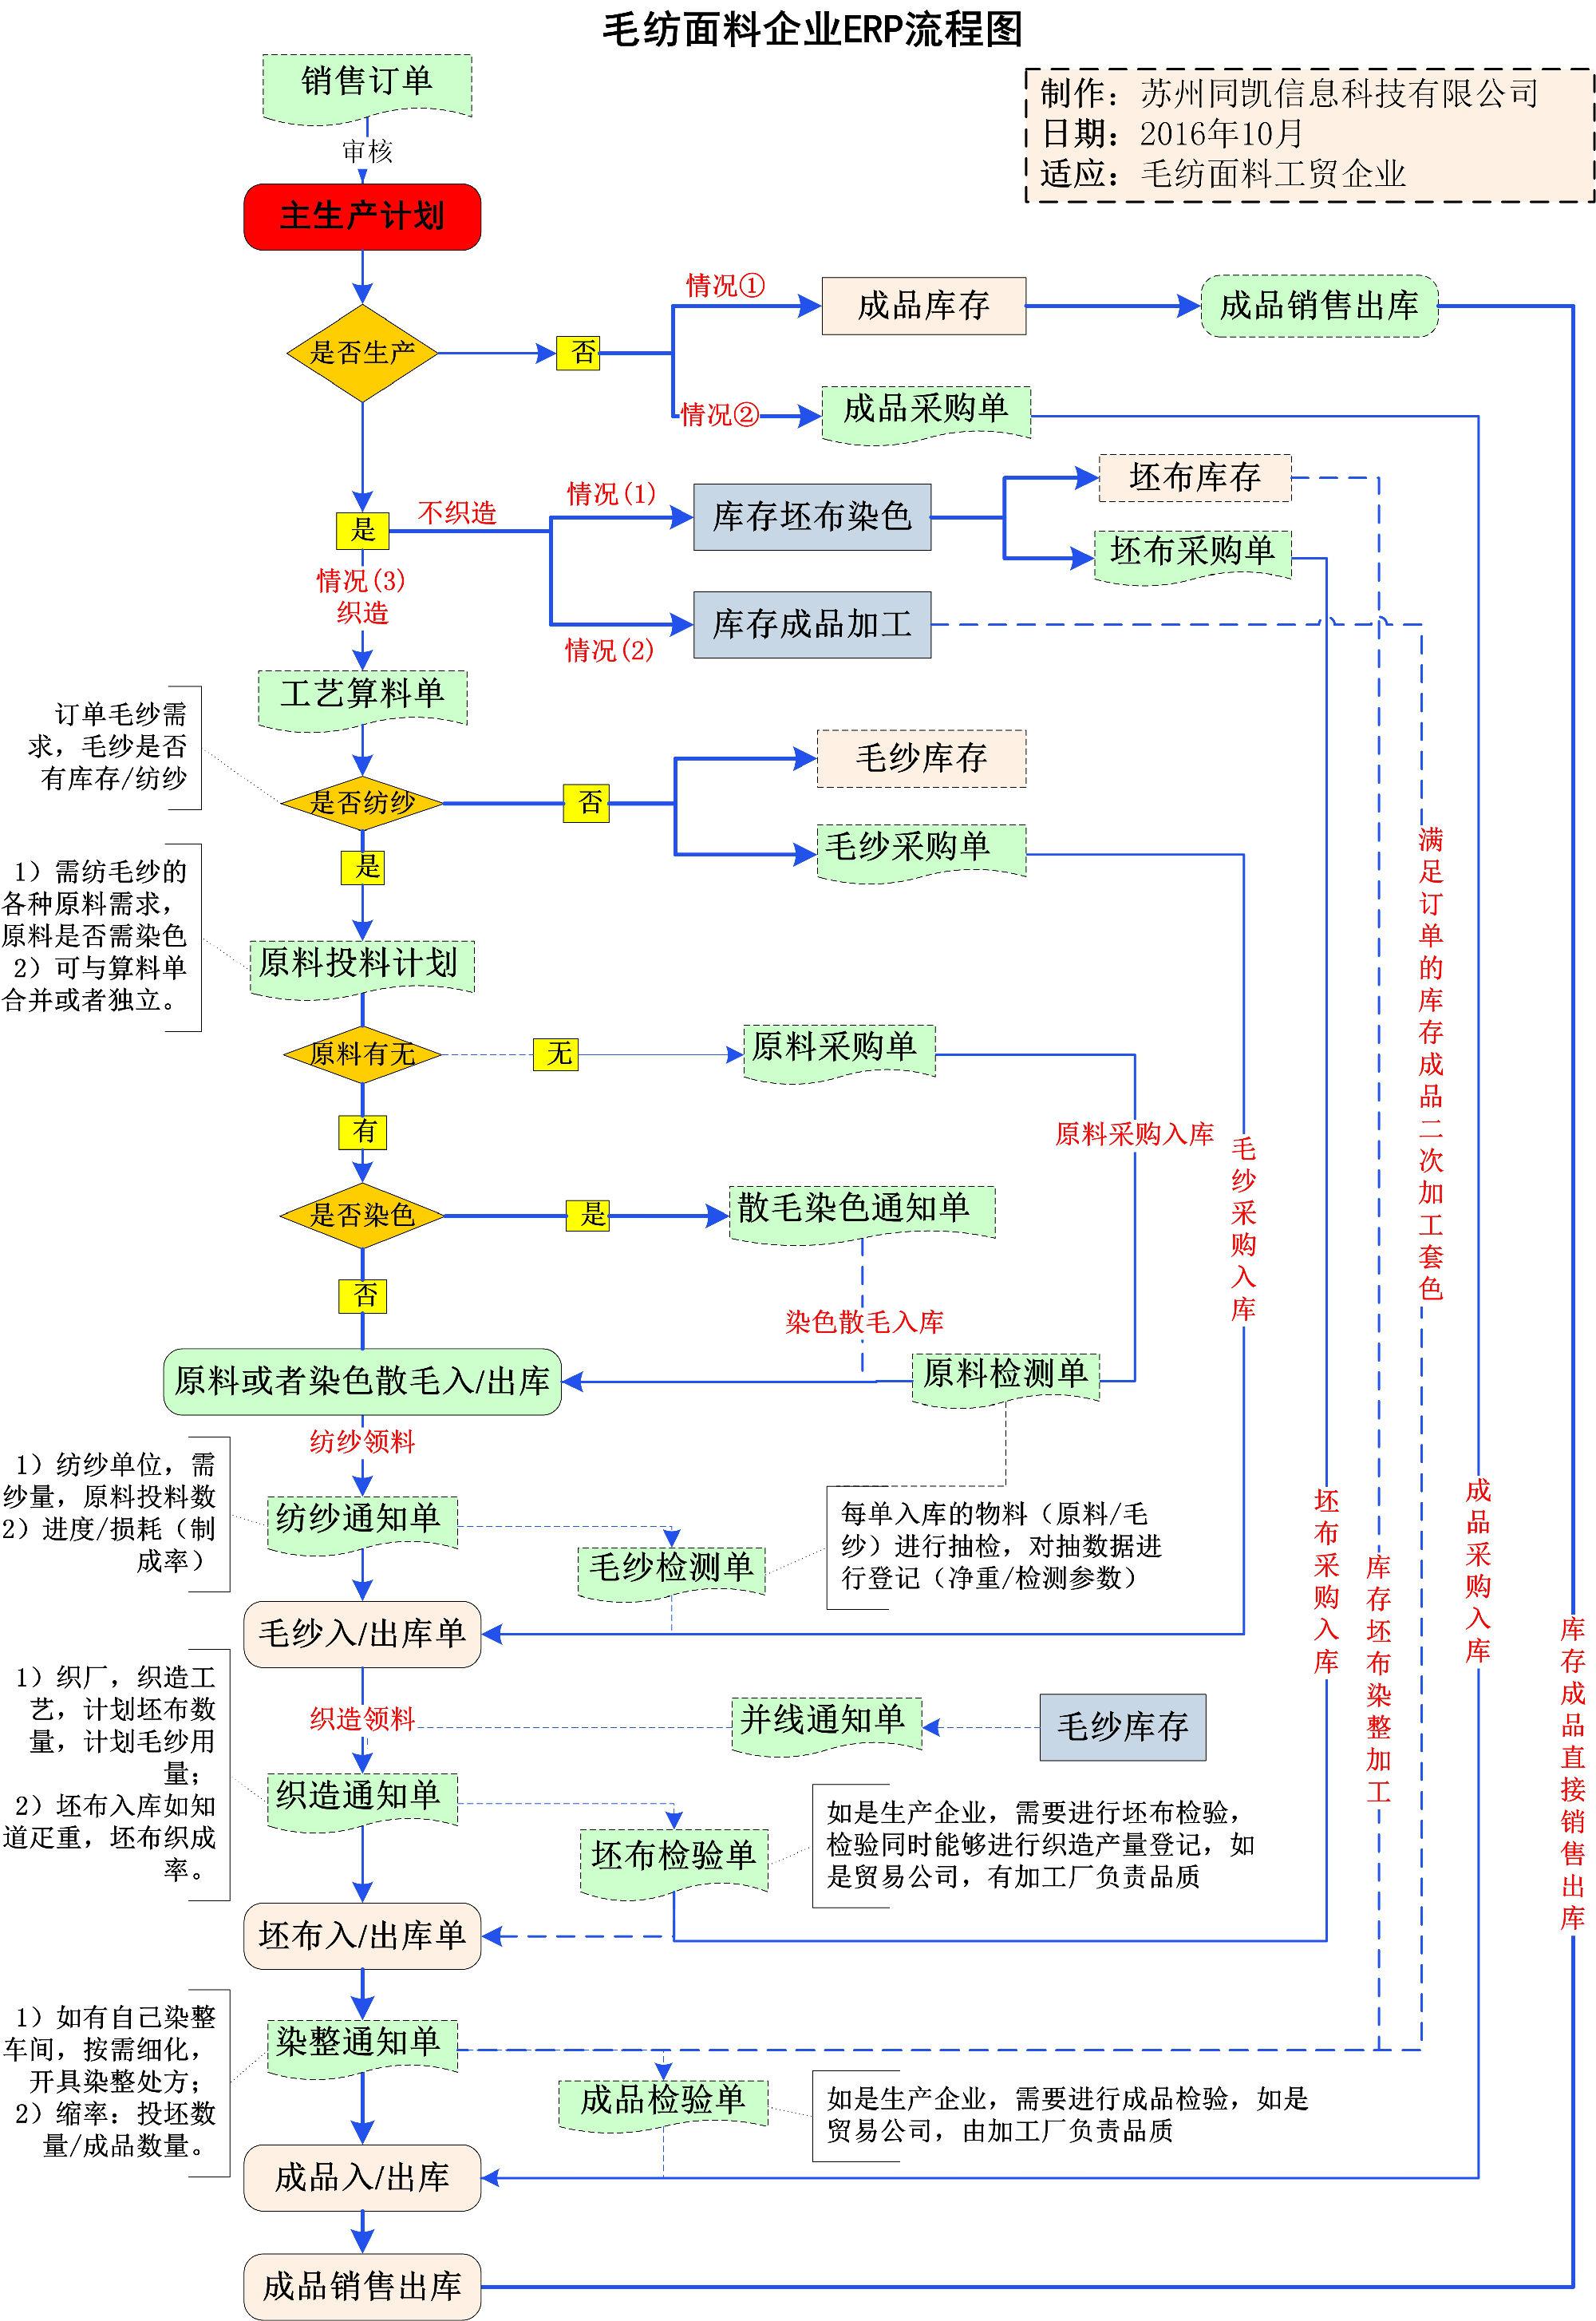 第四章:系统流程图(简图)